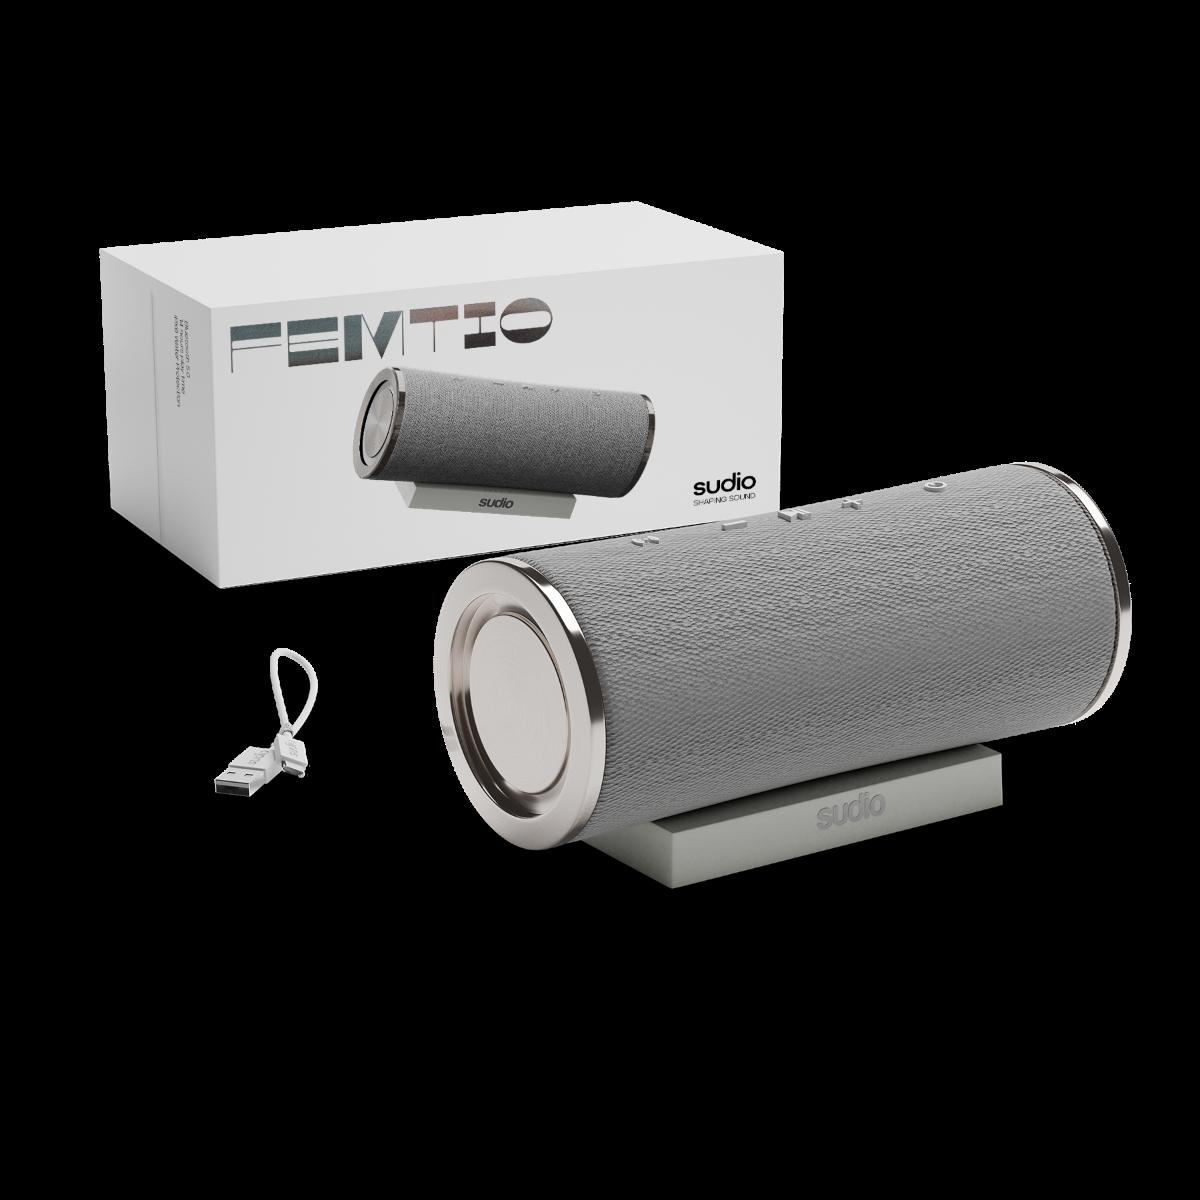 sudio Femtio Bluetooth Speaker White